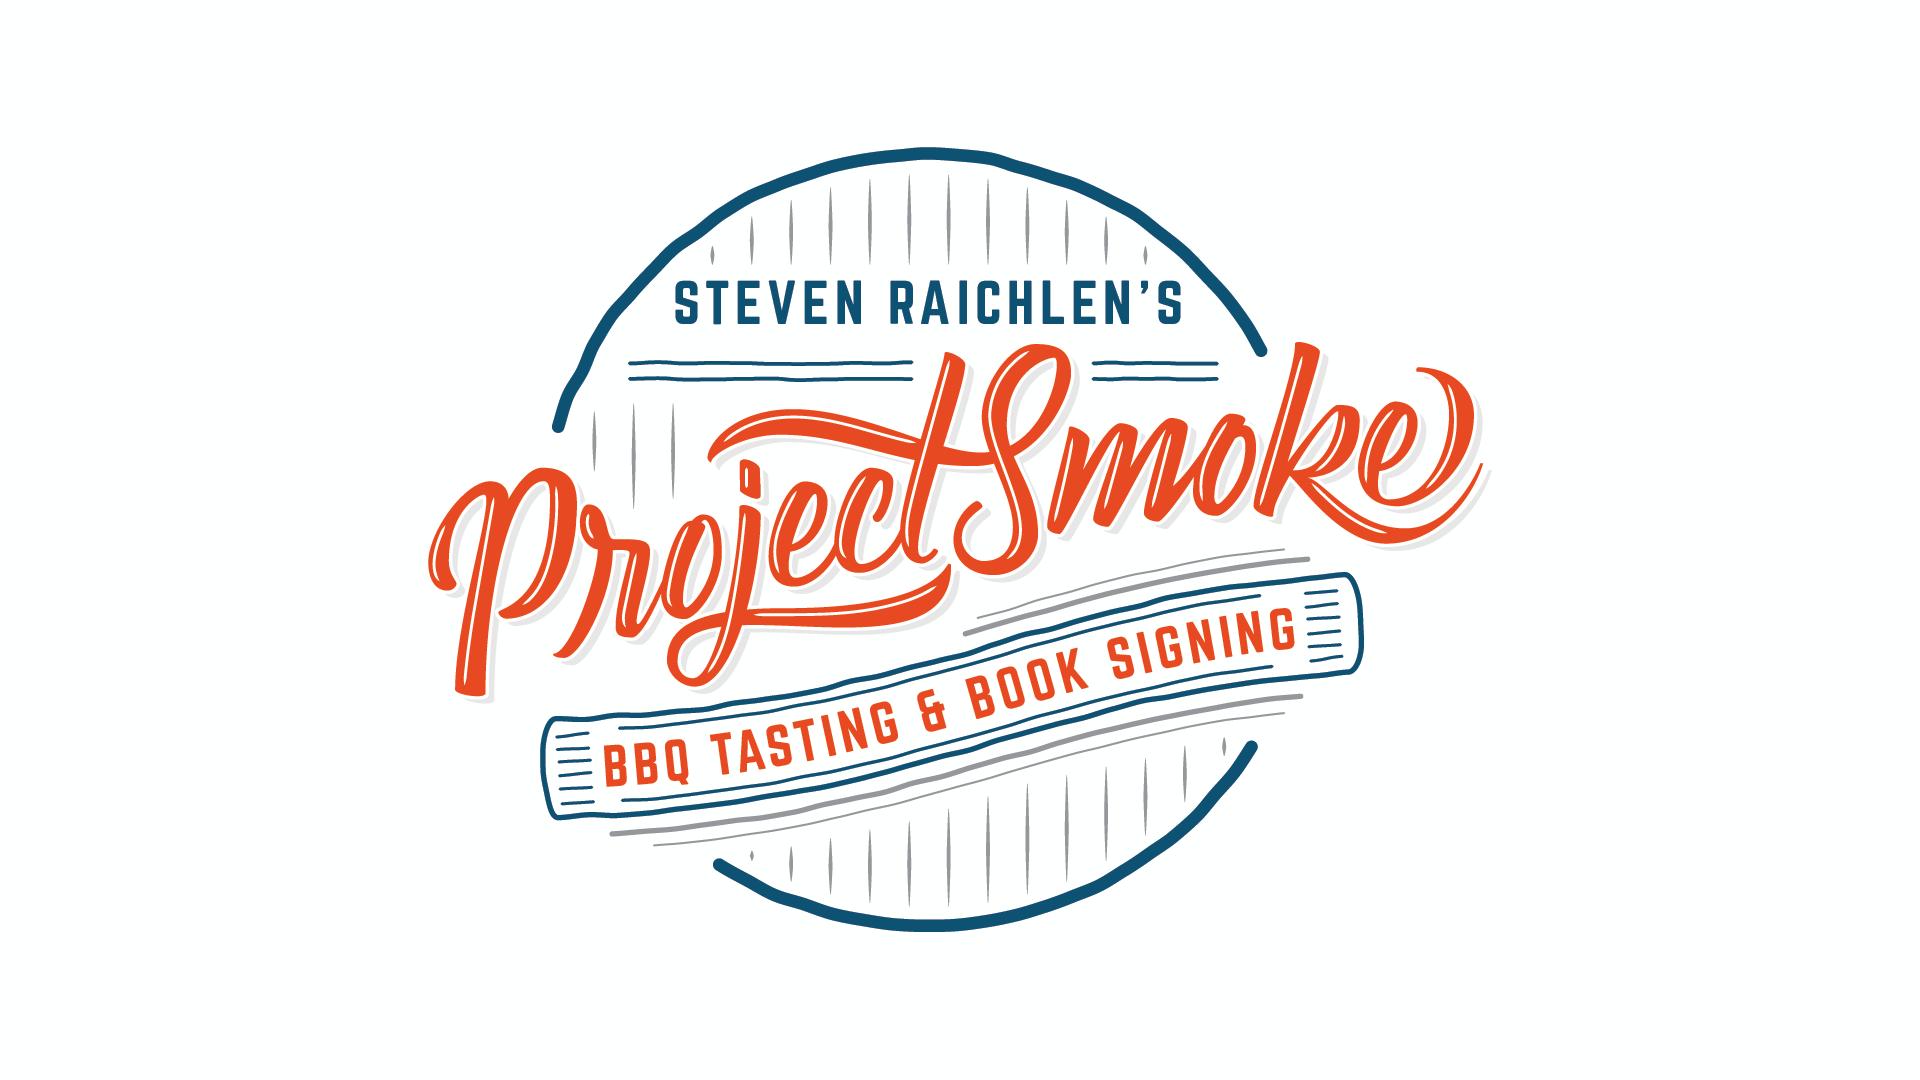 project_smoke_logo.png